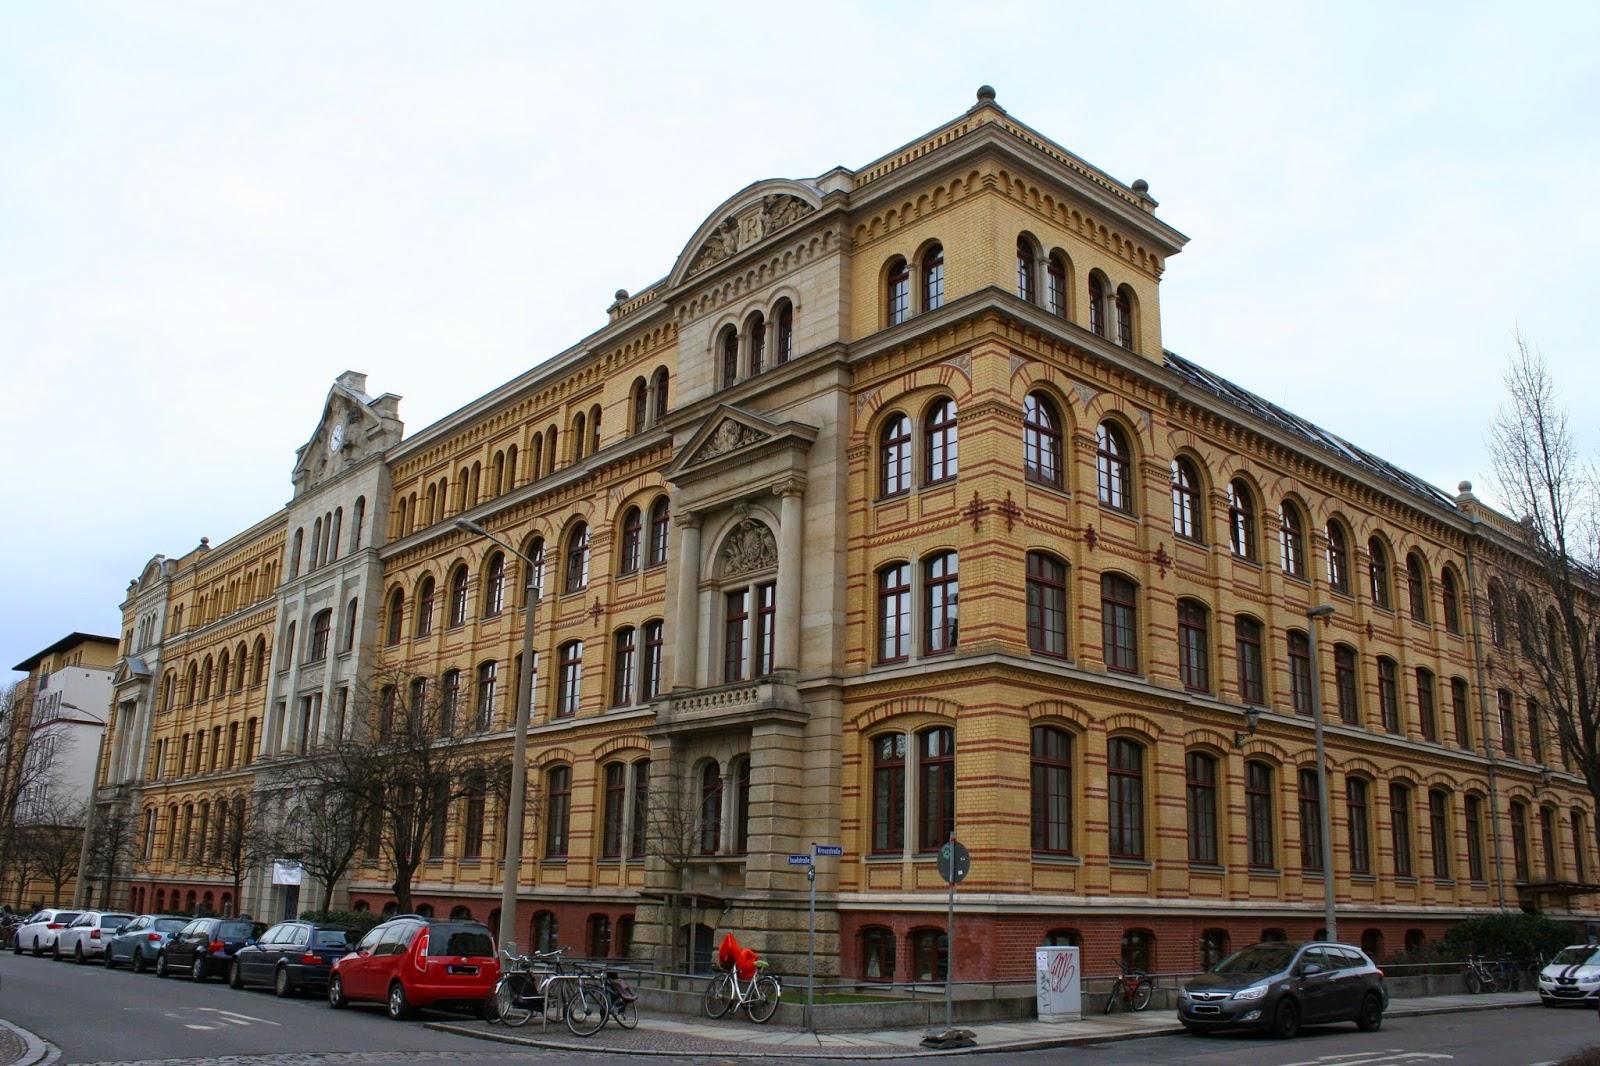 """Das """"Reclam Carrée"""" ist ein Gebäudekomplex im Graphischen Viertel Leipzigs und wurde in den Jahren 1887-1905 als Druckerei- und Verlagsgebäude für den Verleger Anton-Philipp Reclam erbaut"""